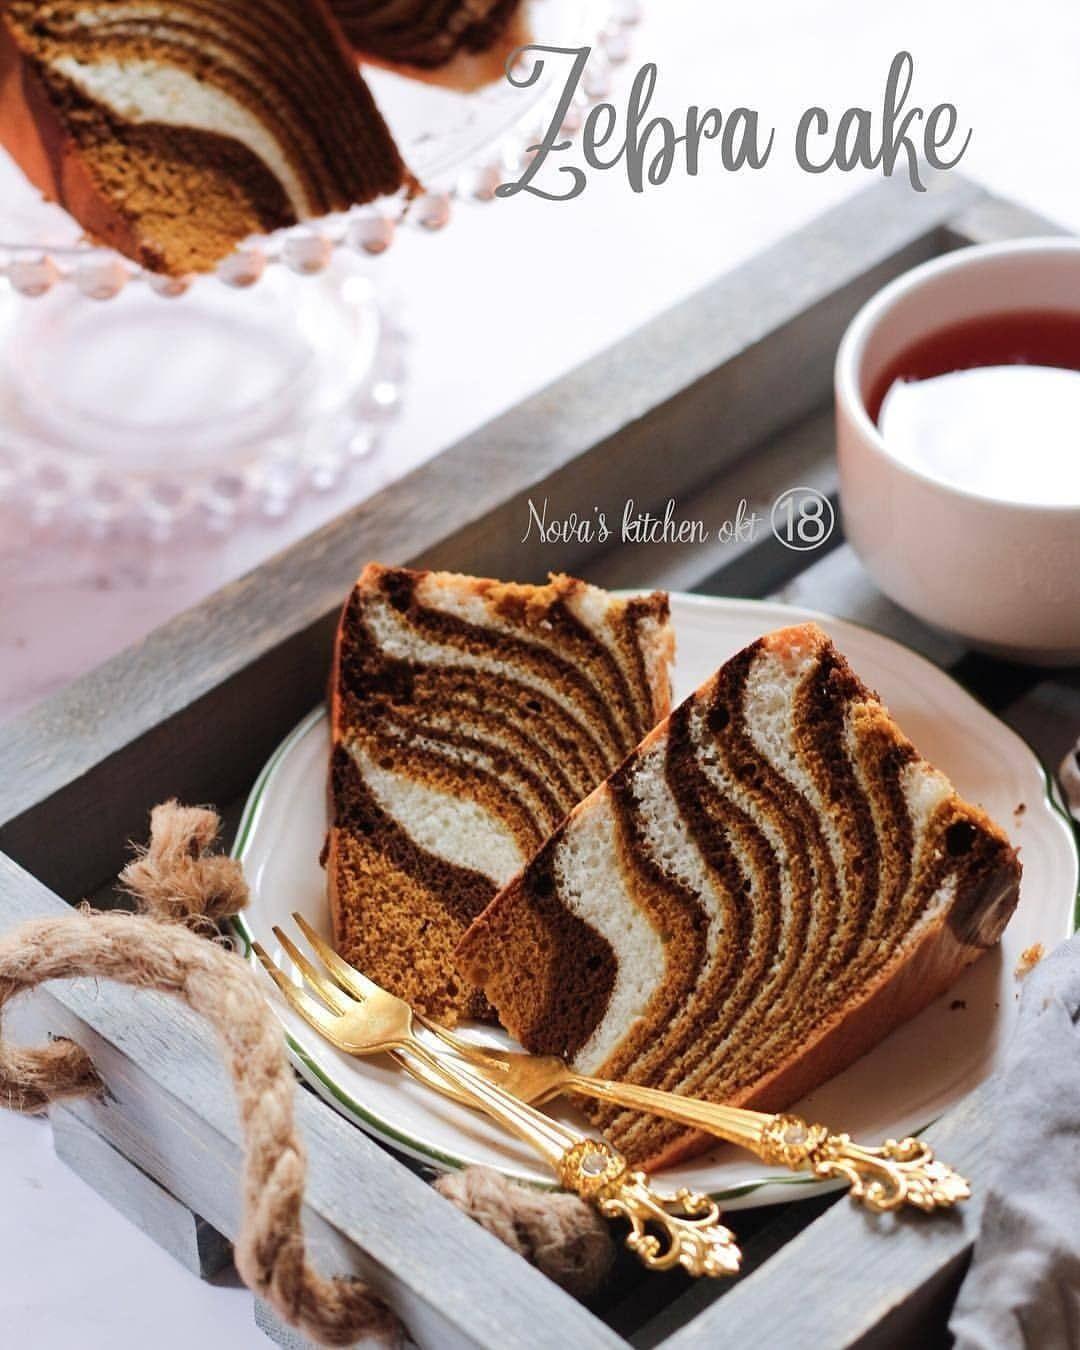 Resep Kue Kekinian Napoleon Snow Cake Resep Paling Praktis Dan Gampang Dibuat 35 Youtube Napoleon Cake Snow Cake Resep Cake